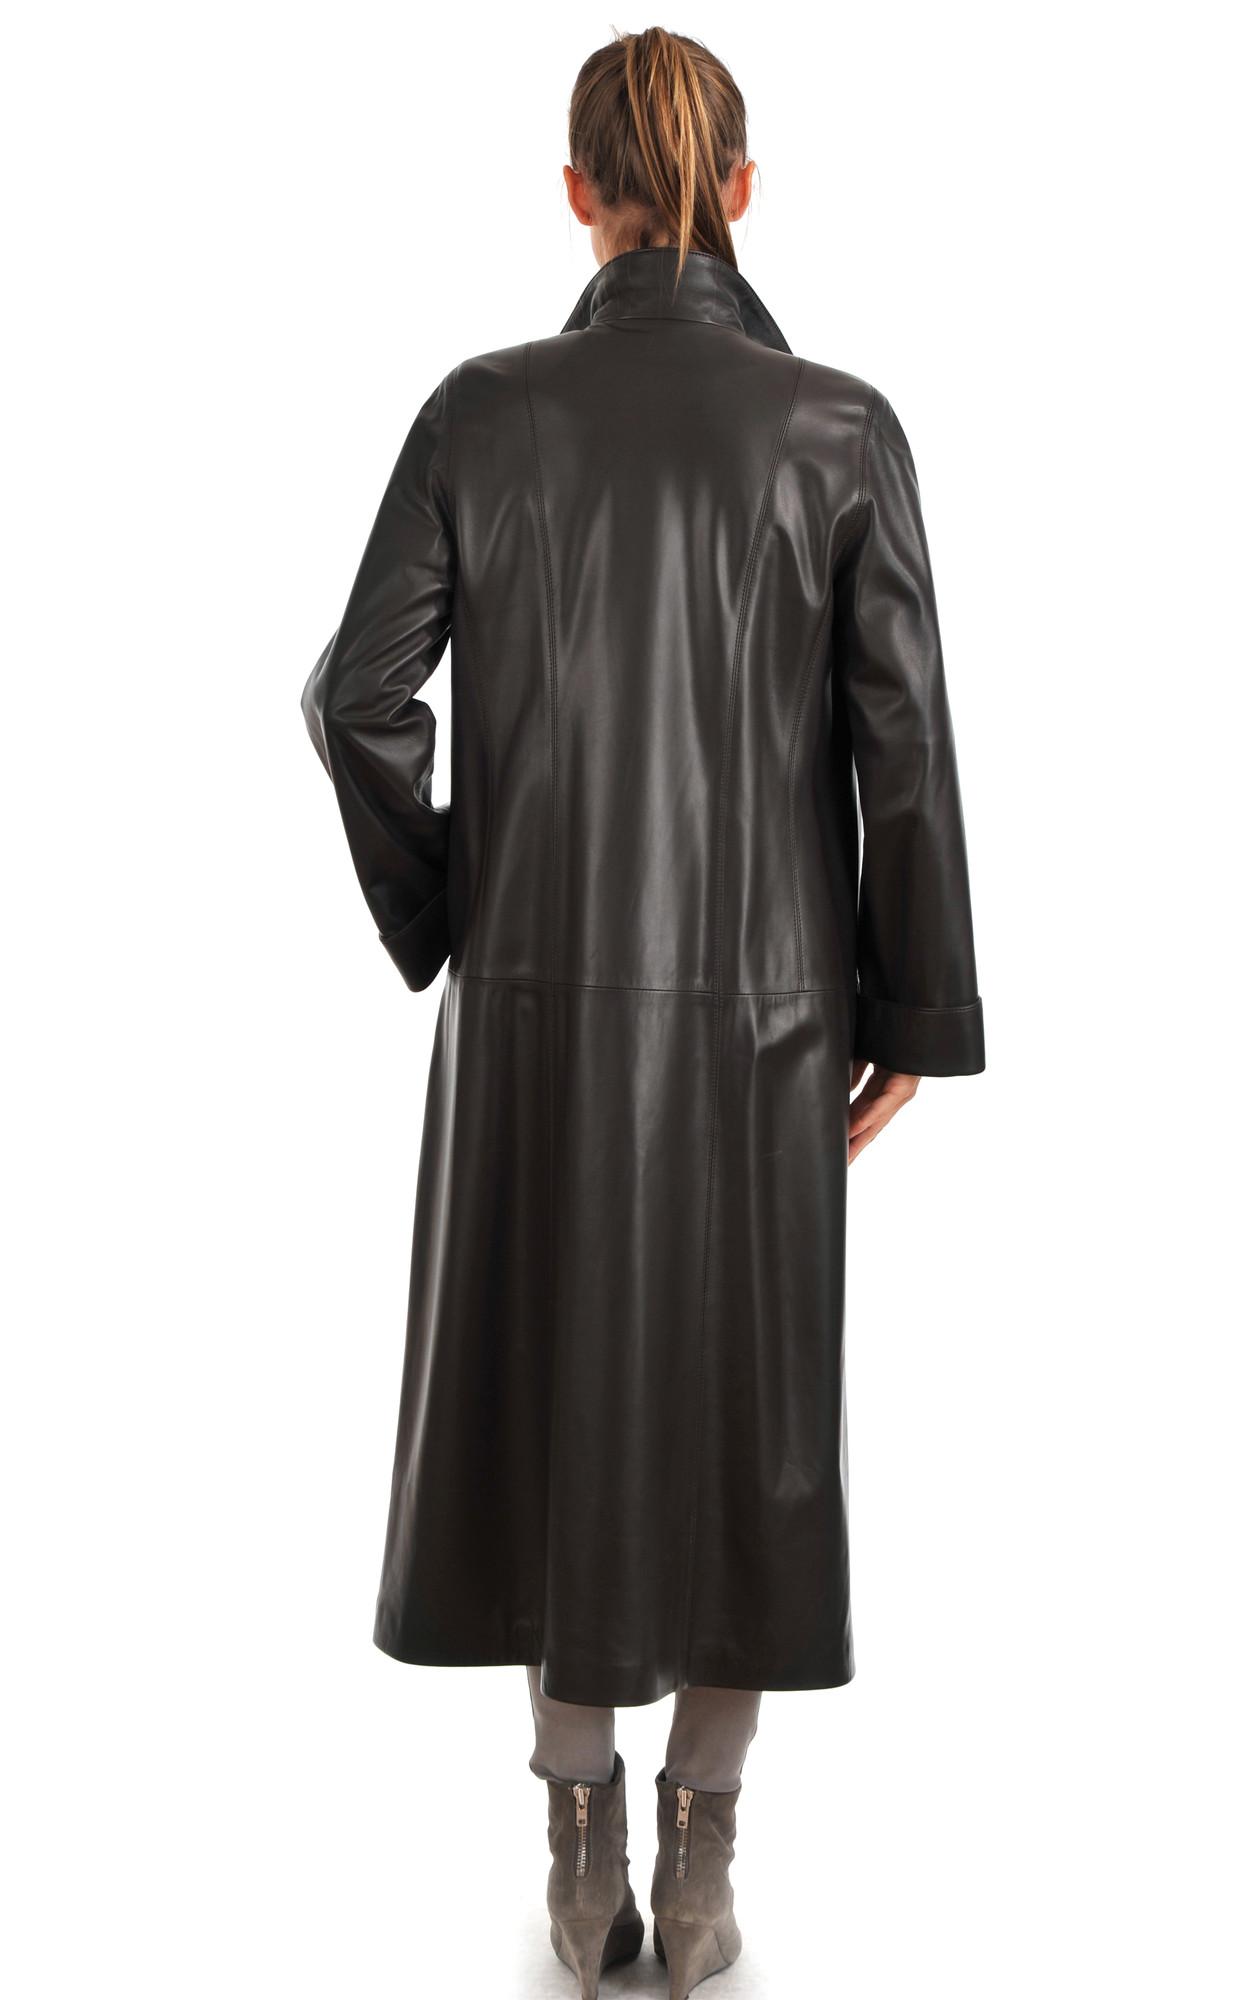 Manteau cuir long pour femme